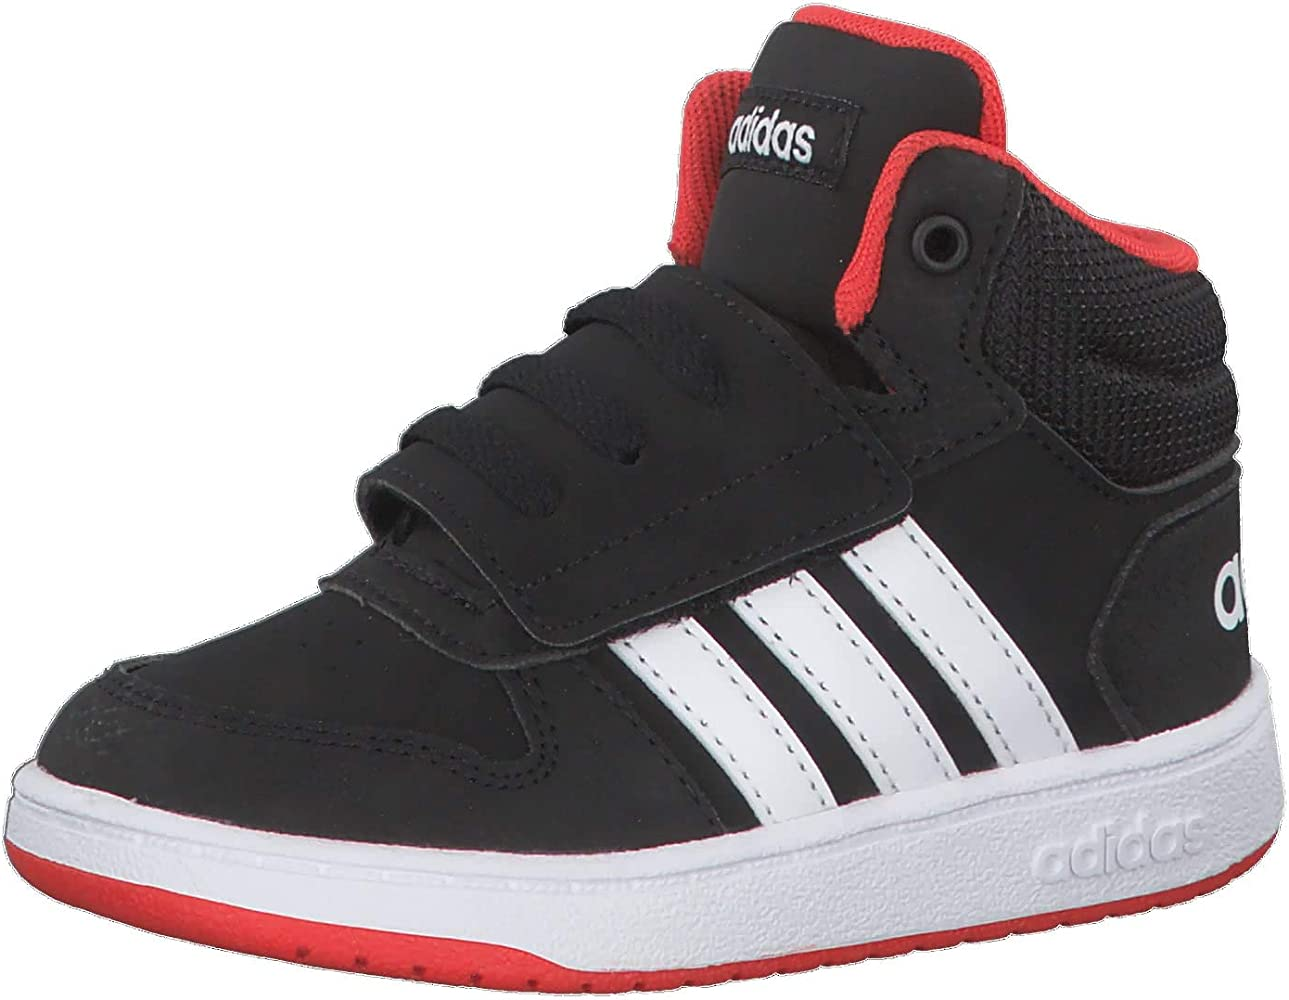 adidas - Hoops Mid 20 I - B75945